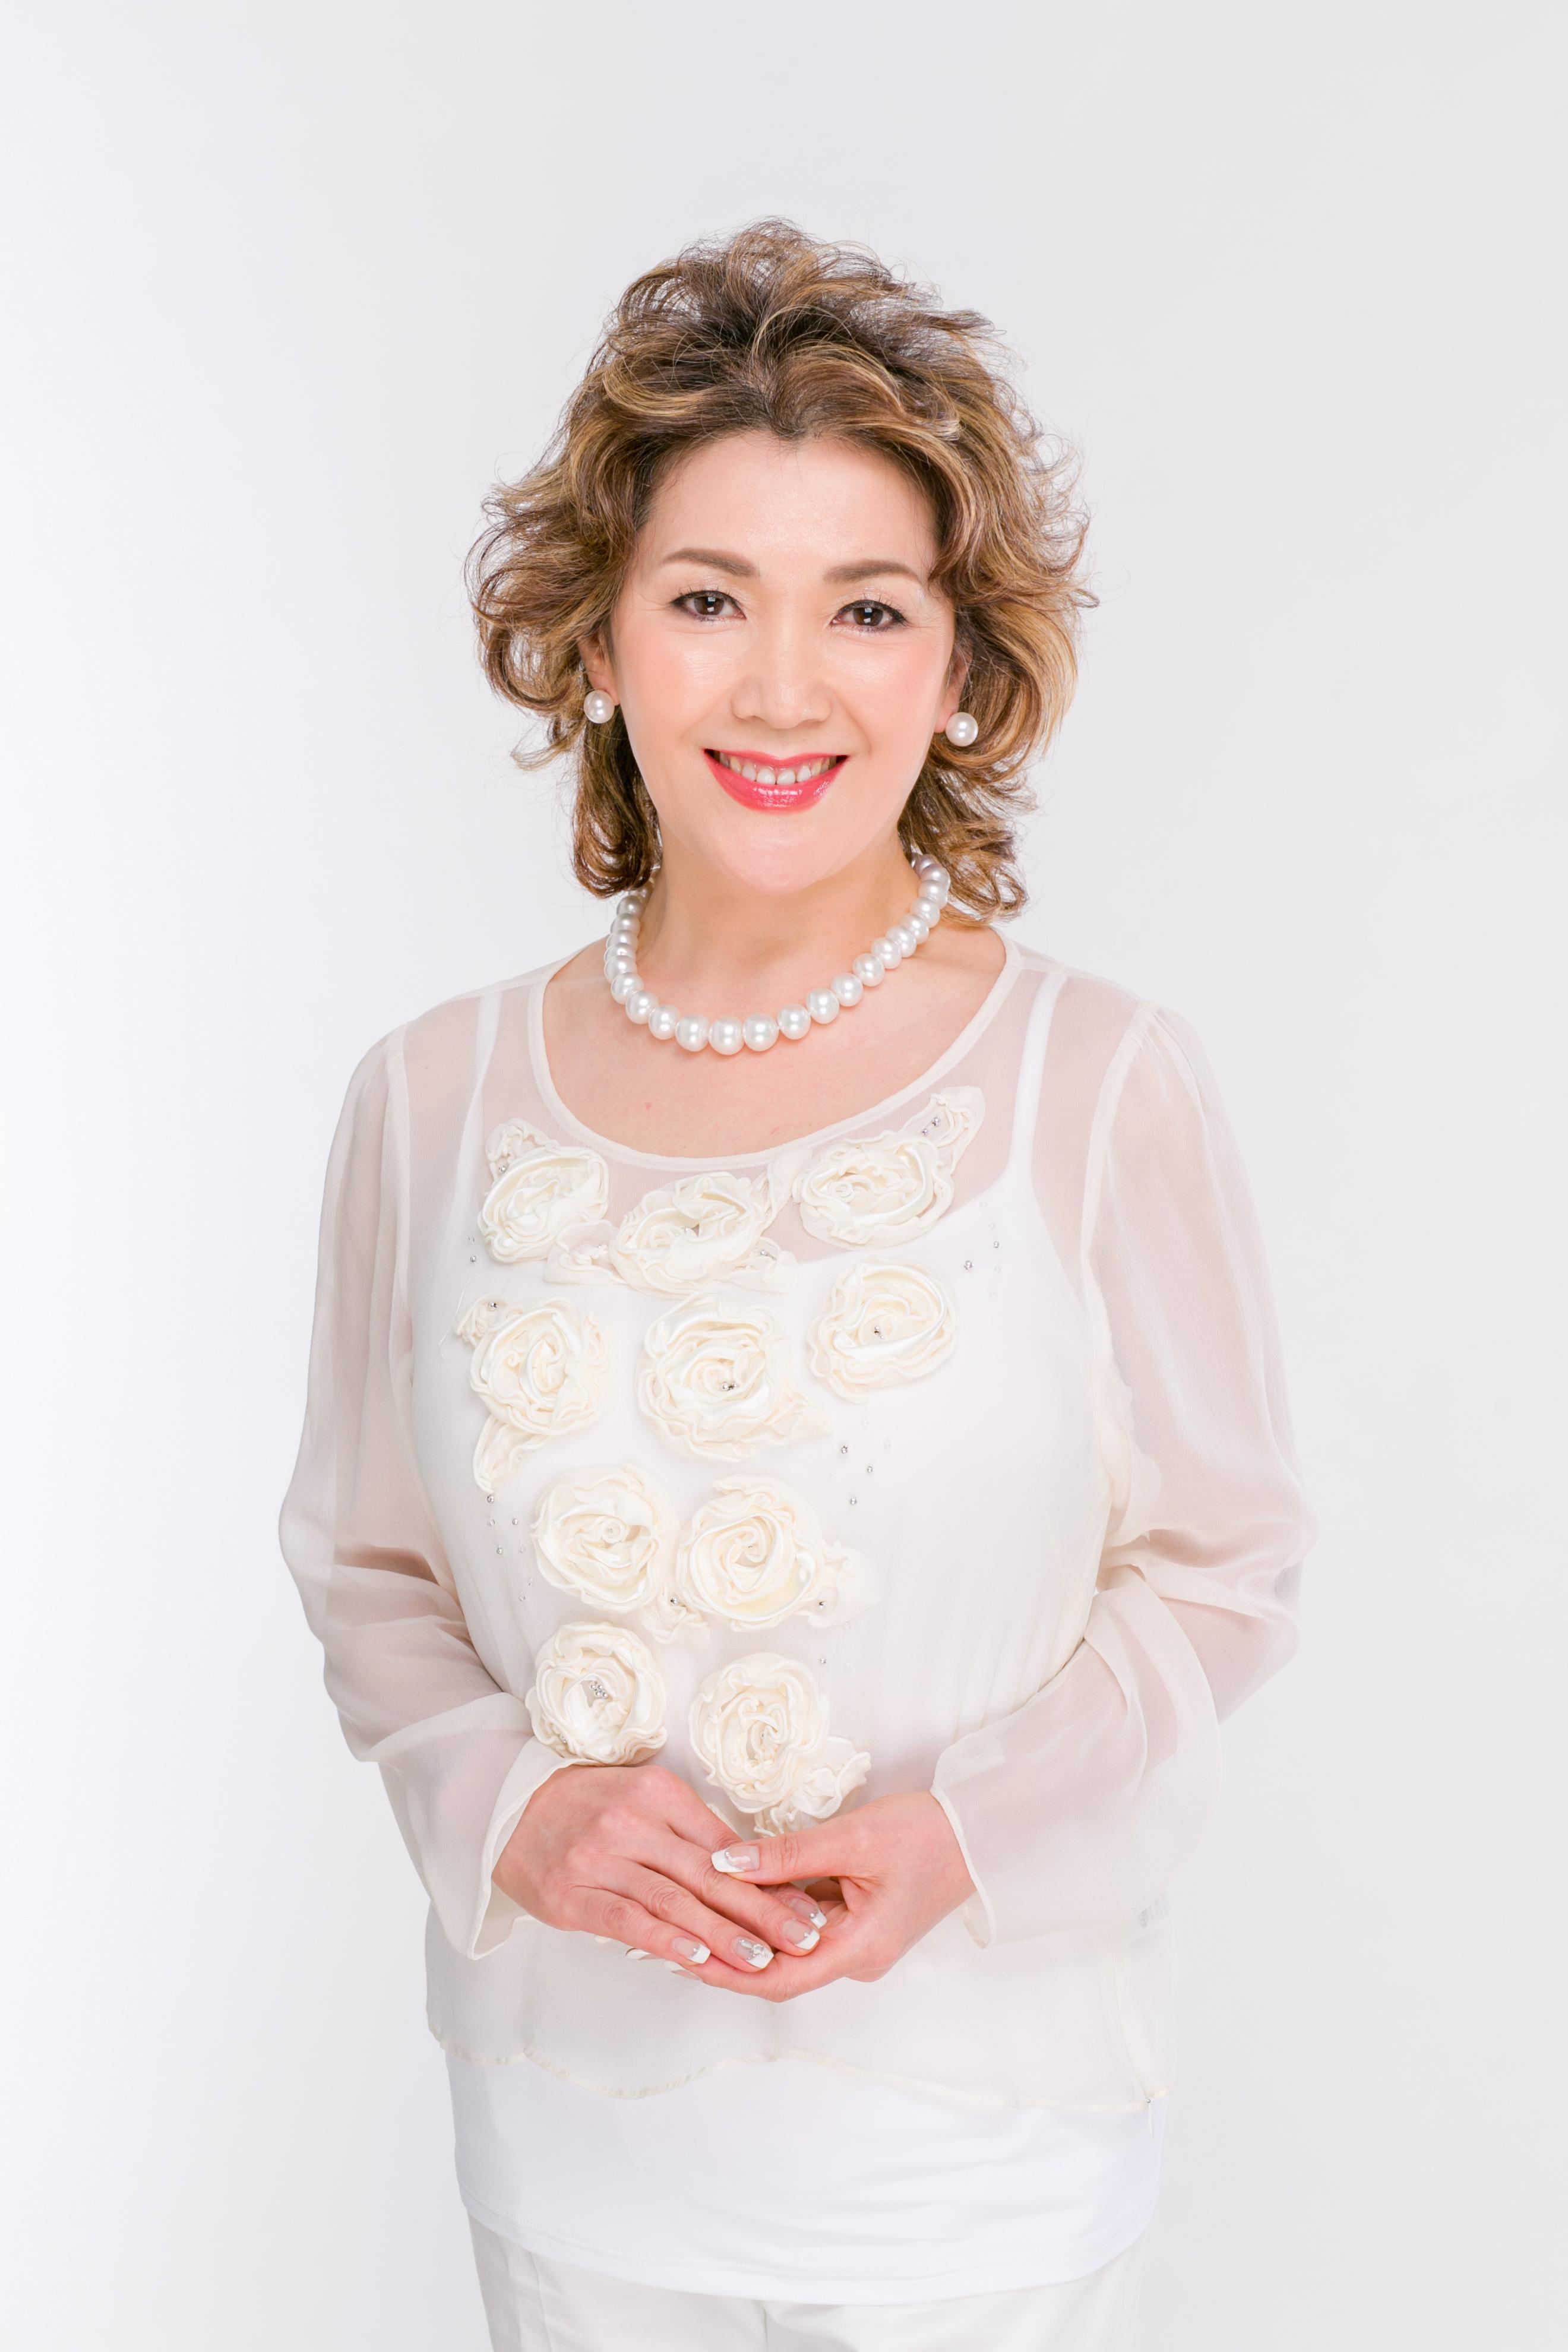 Ladonna Special Live ~歌人~ 柳ジュン